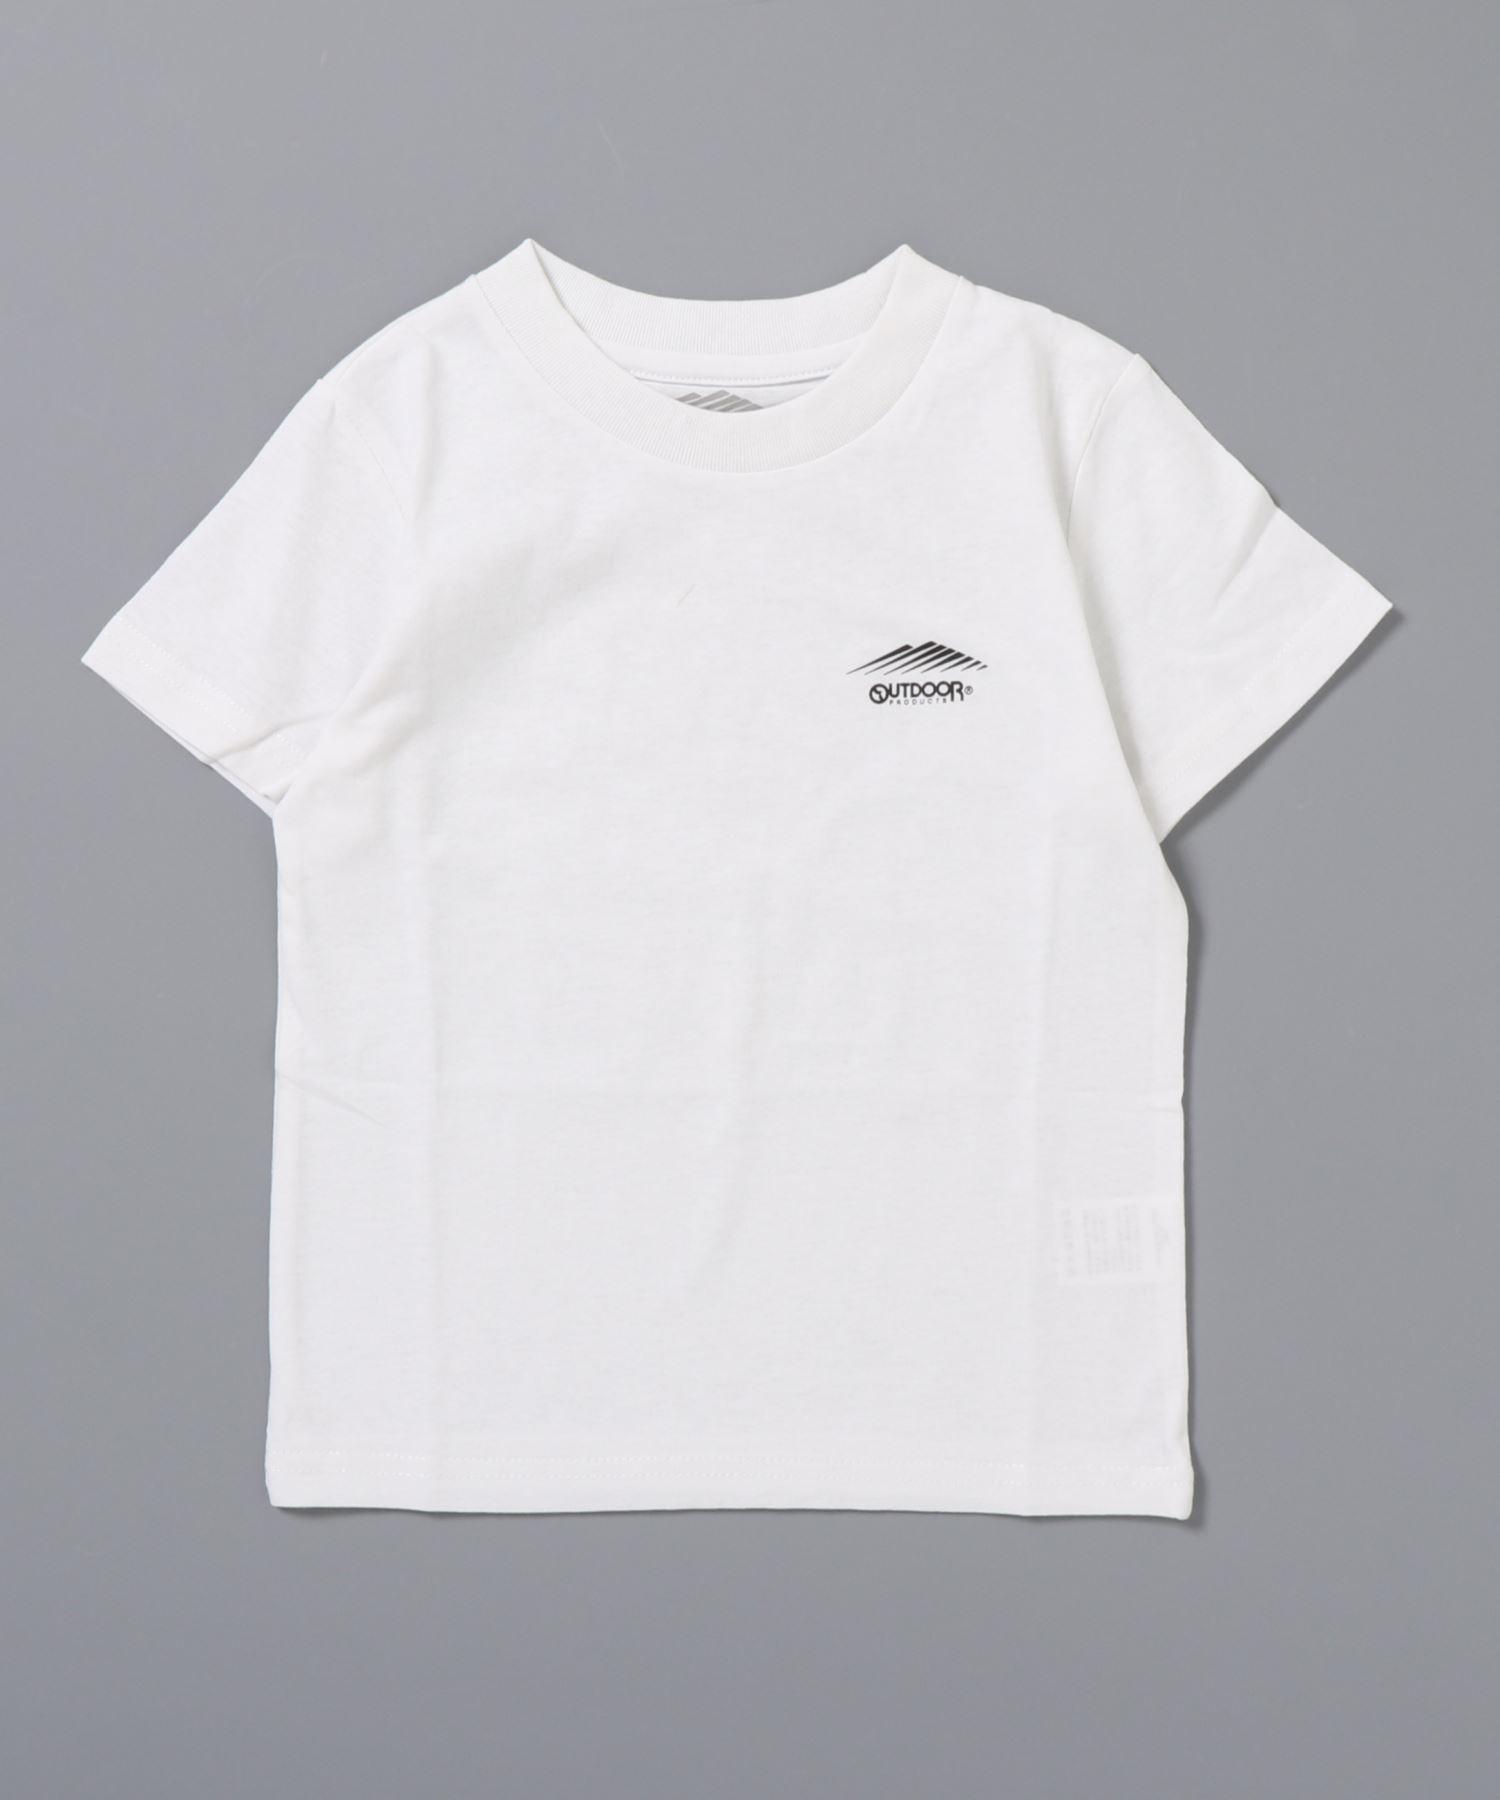 防蚊加工  キッズ ワンポイントブランドロゴ入り Tシャツ